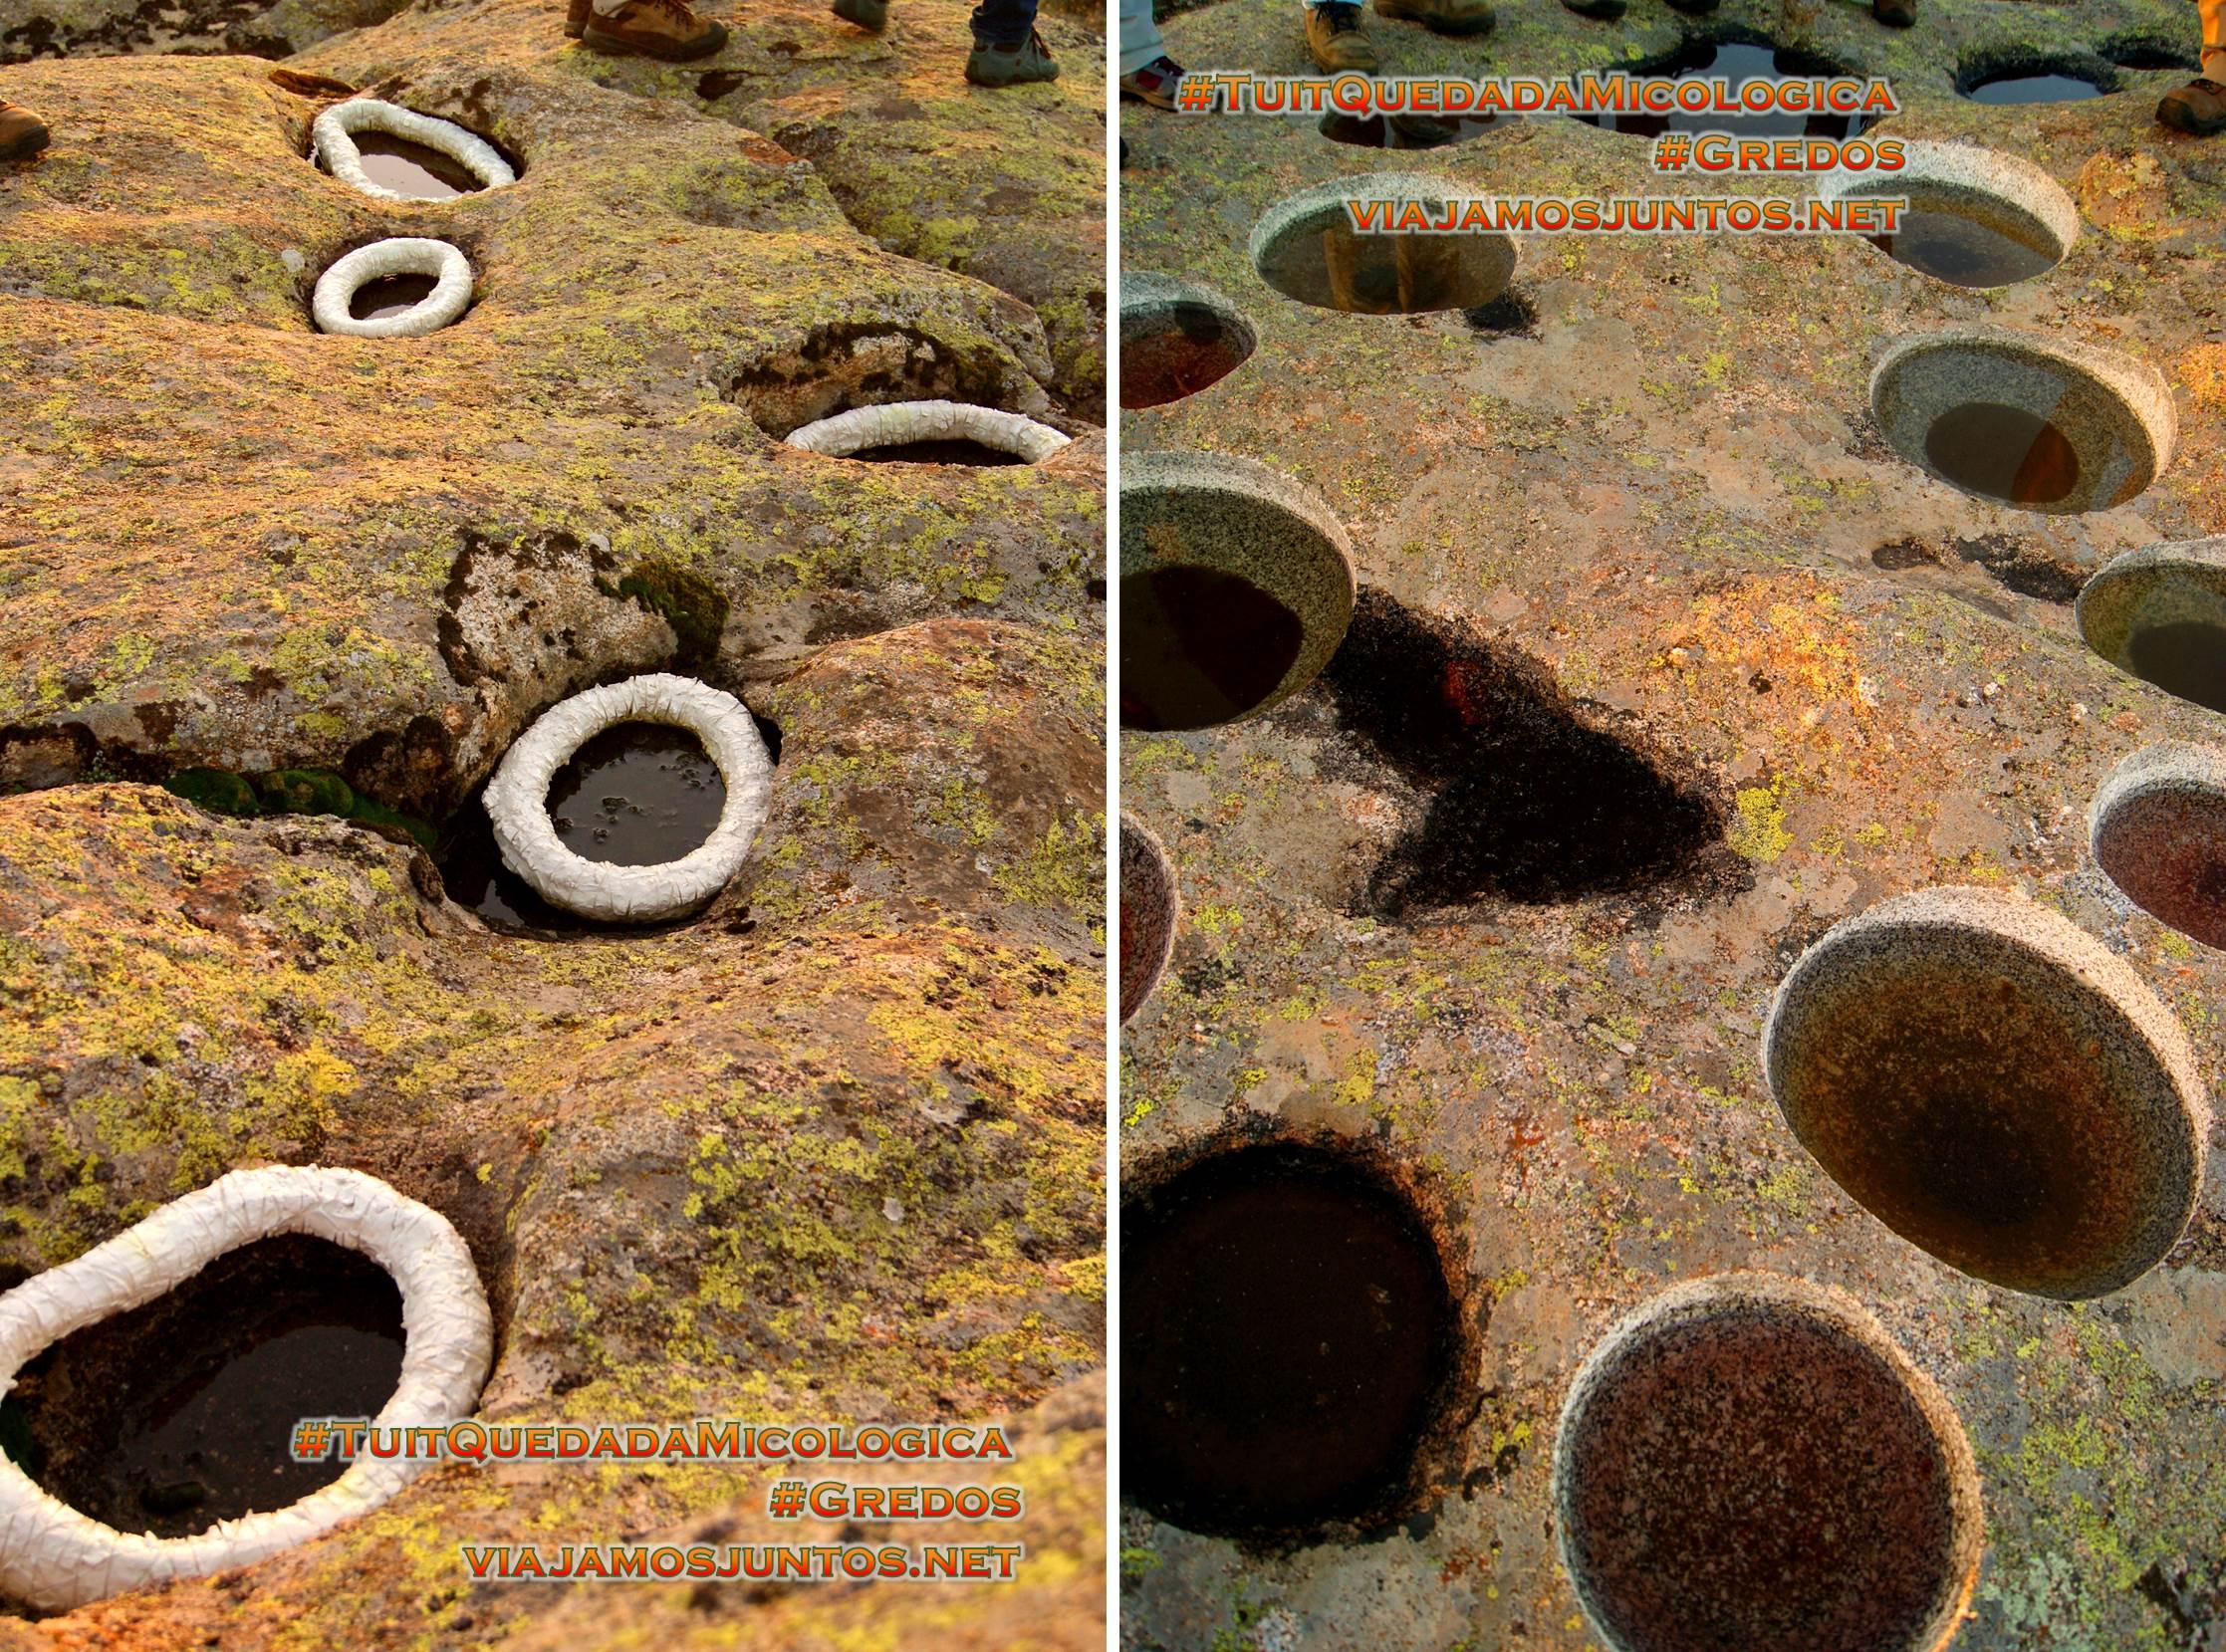 Obras de arte al atardecer en el Cerro Gallinero, Hoyocasero, Gredos, durante la #TuitQuedadaMicologica